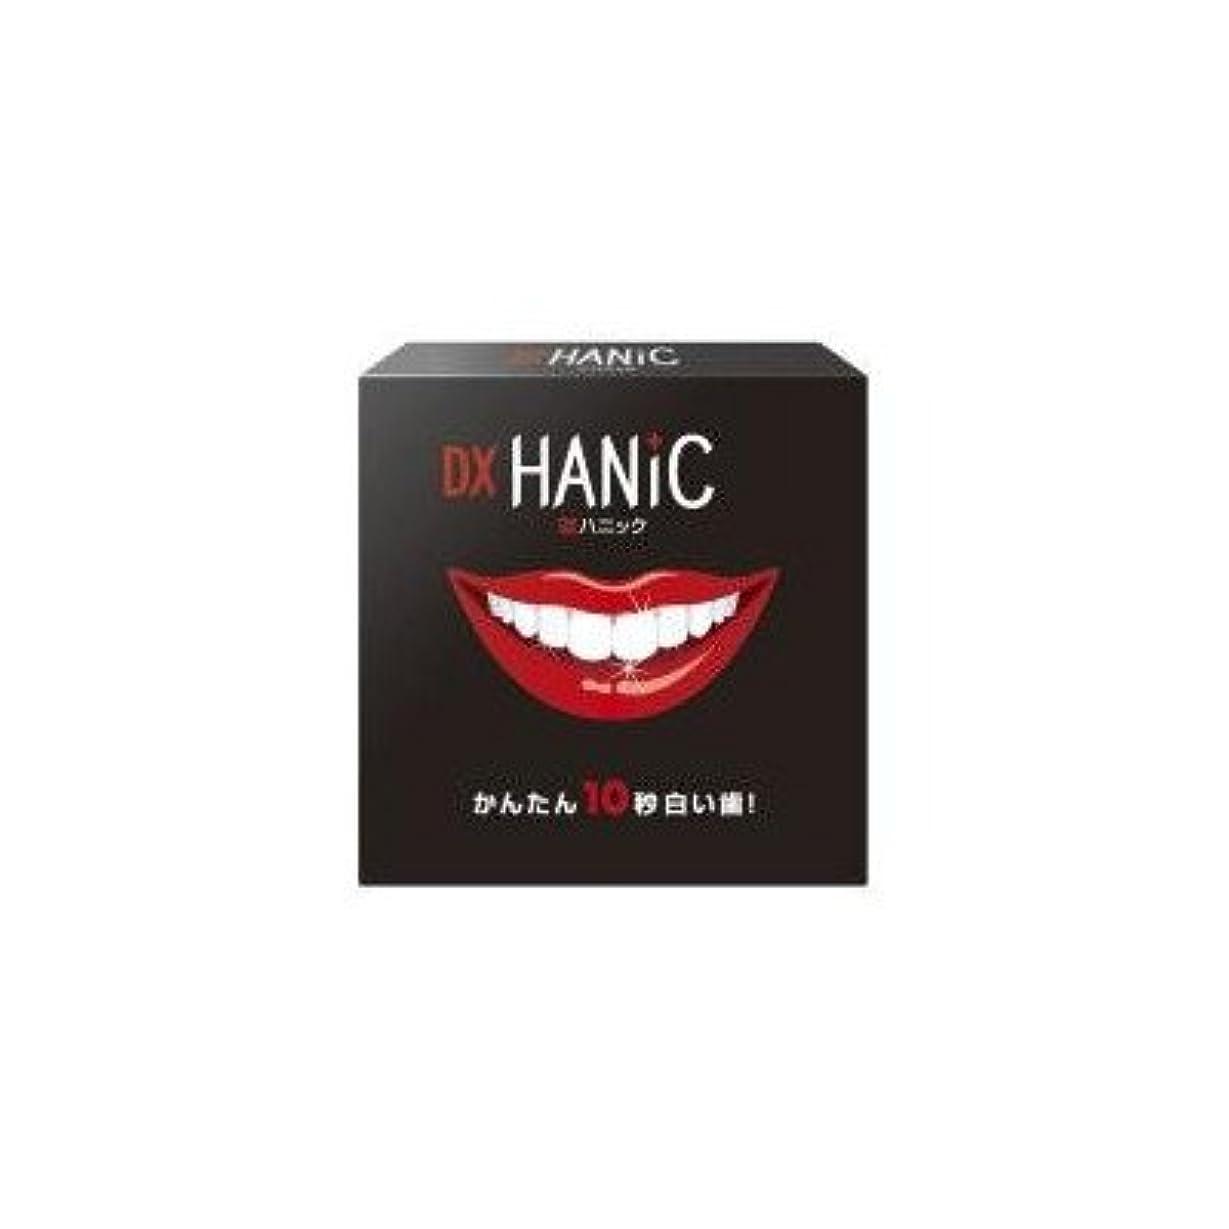 カウント組み合わせる避けられない塗るだけで真っ白に魅せる歯のマニキュア DXハニック デンタルコットン付き 歯のマニュキア?ペンタイプ